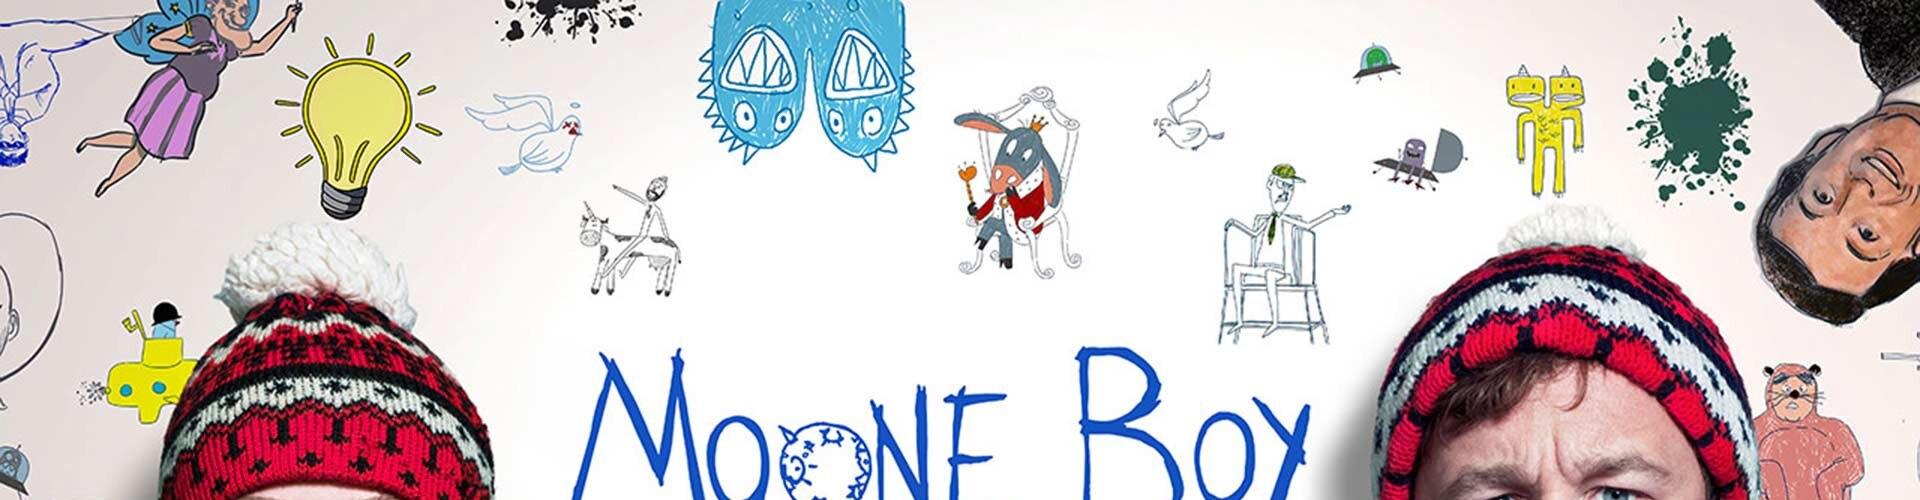 Watch Moone Boy Online